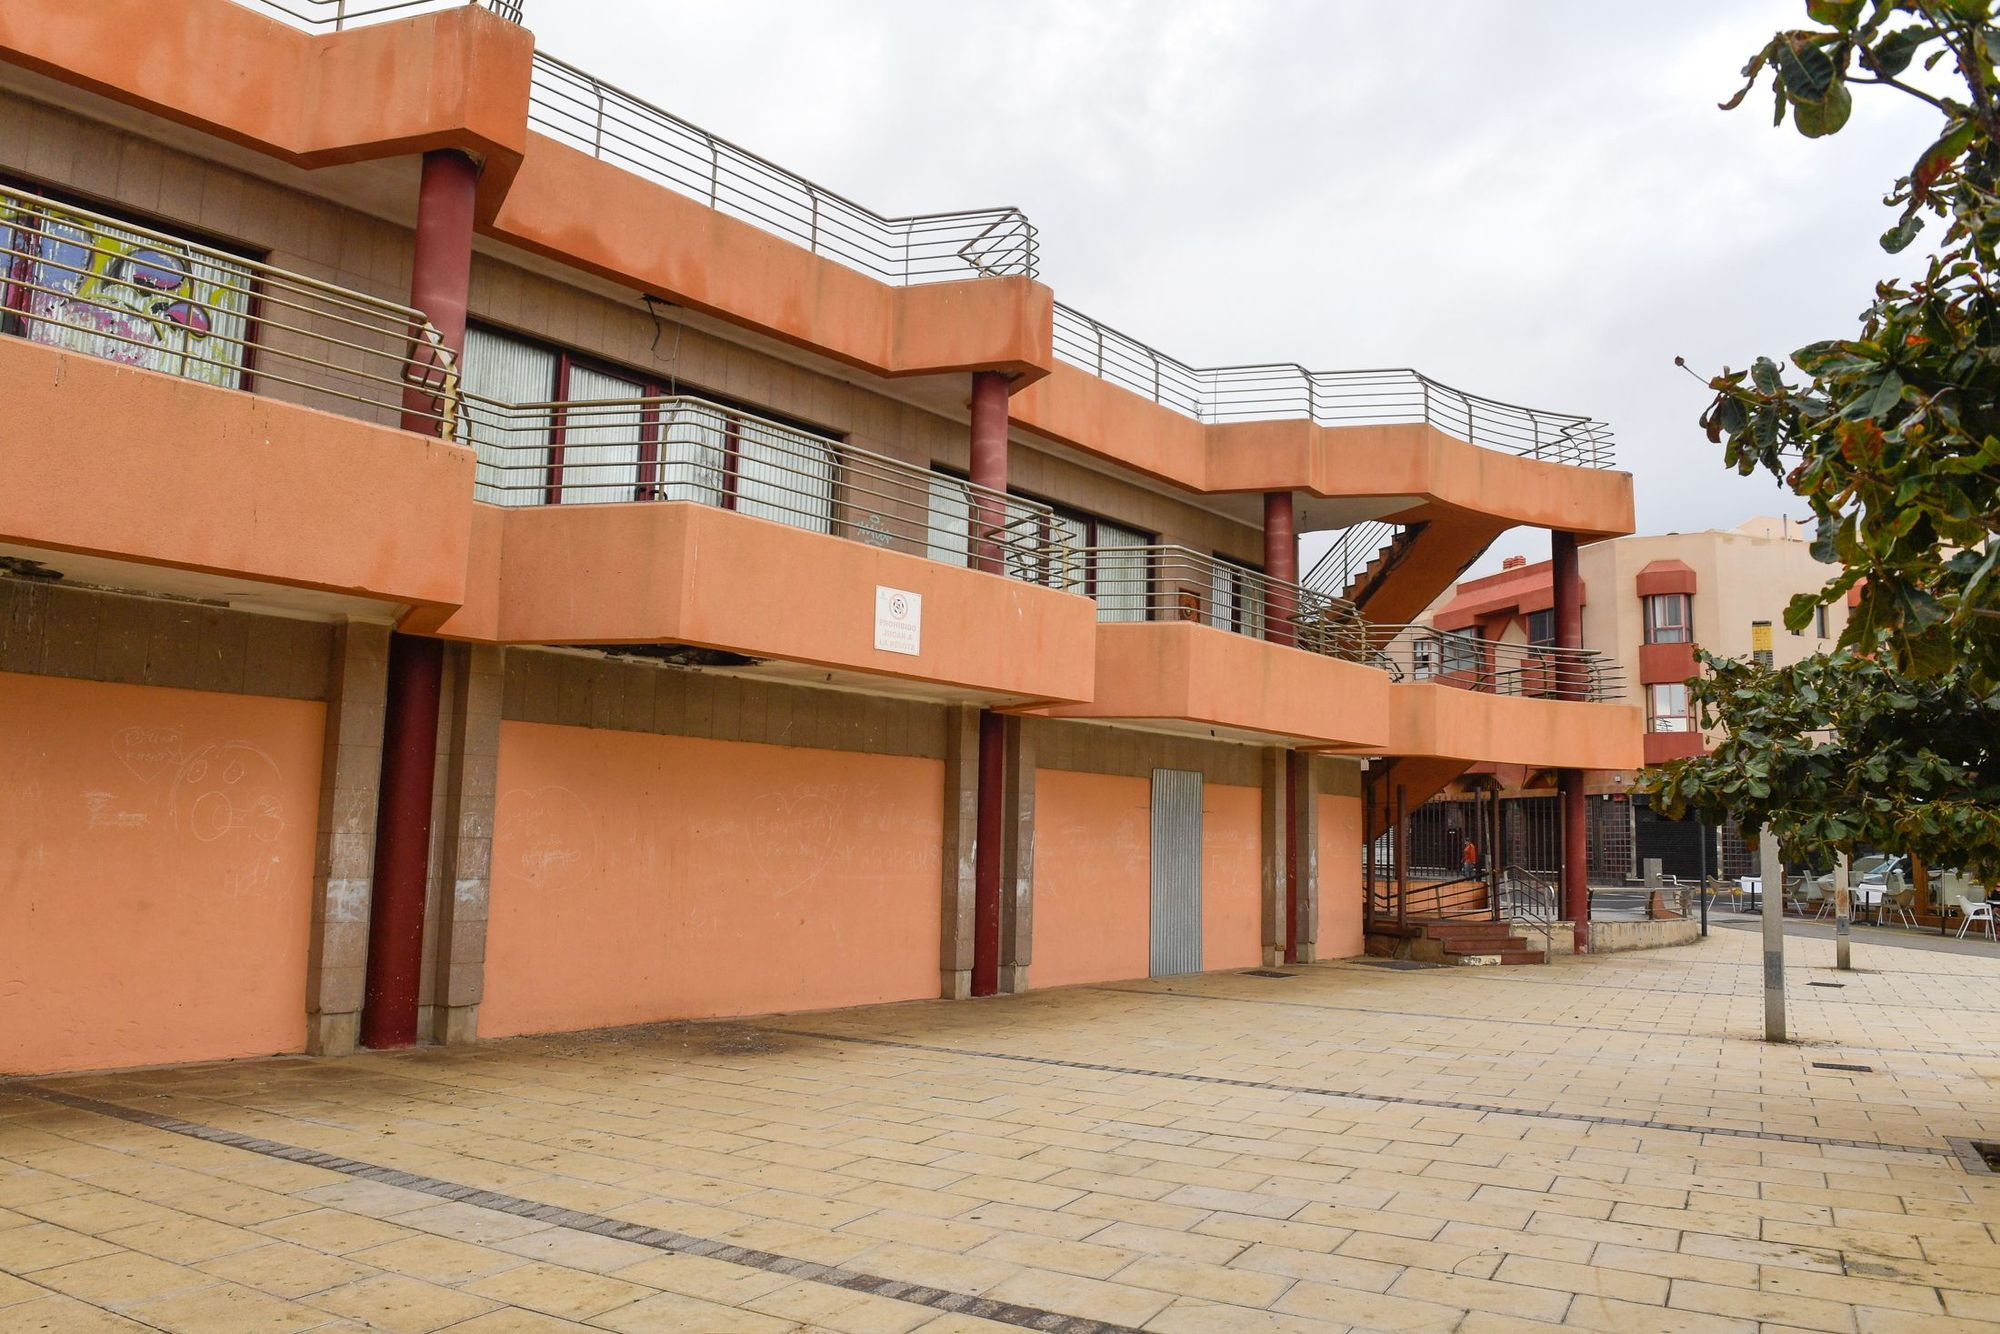 Centro comercial abandonado en La Garita (Telde).